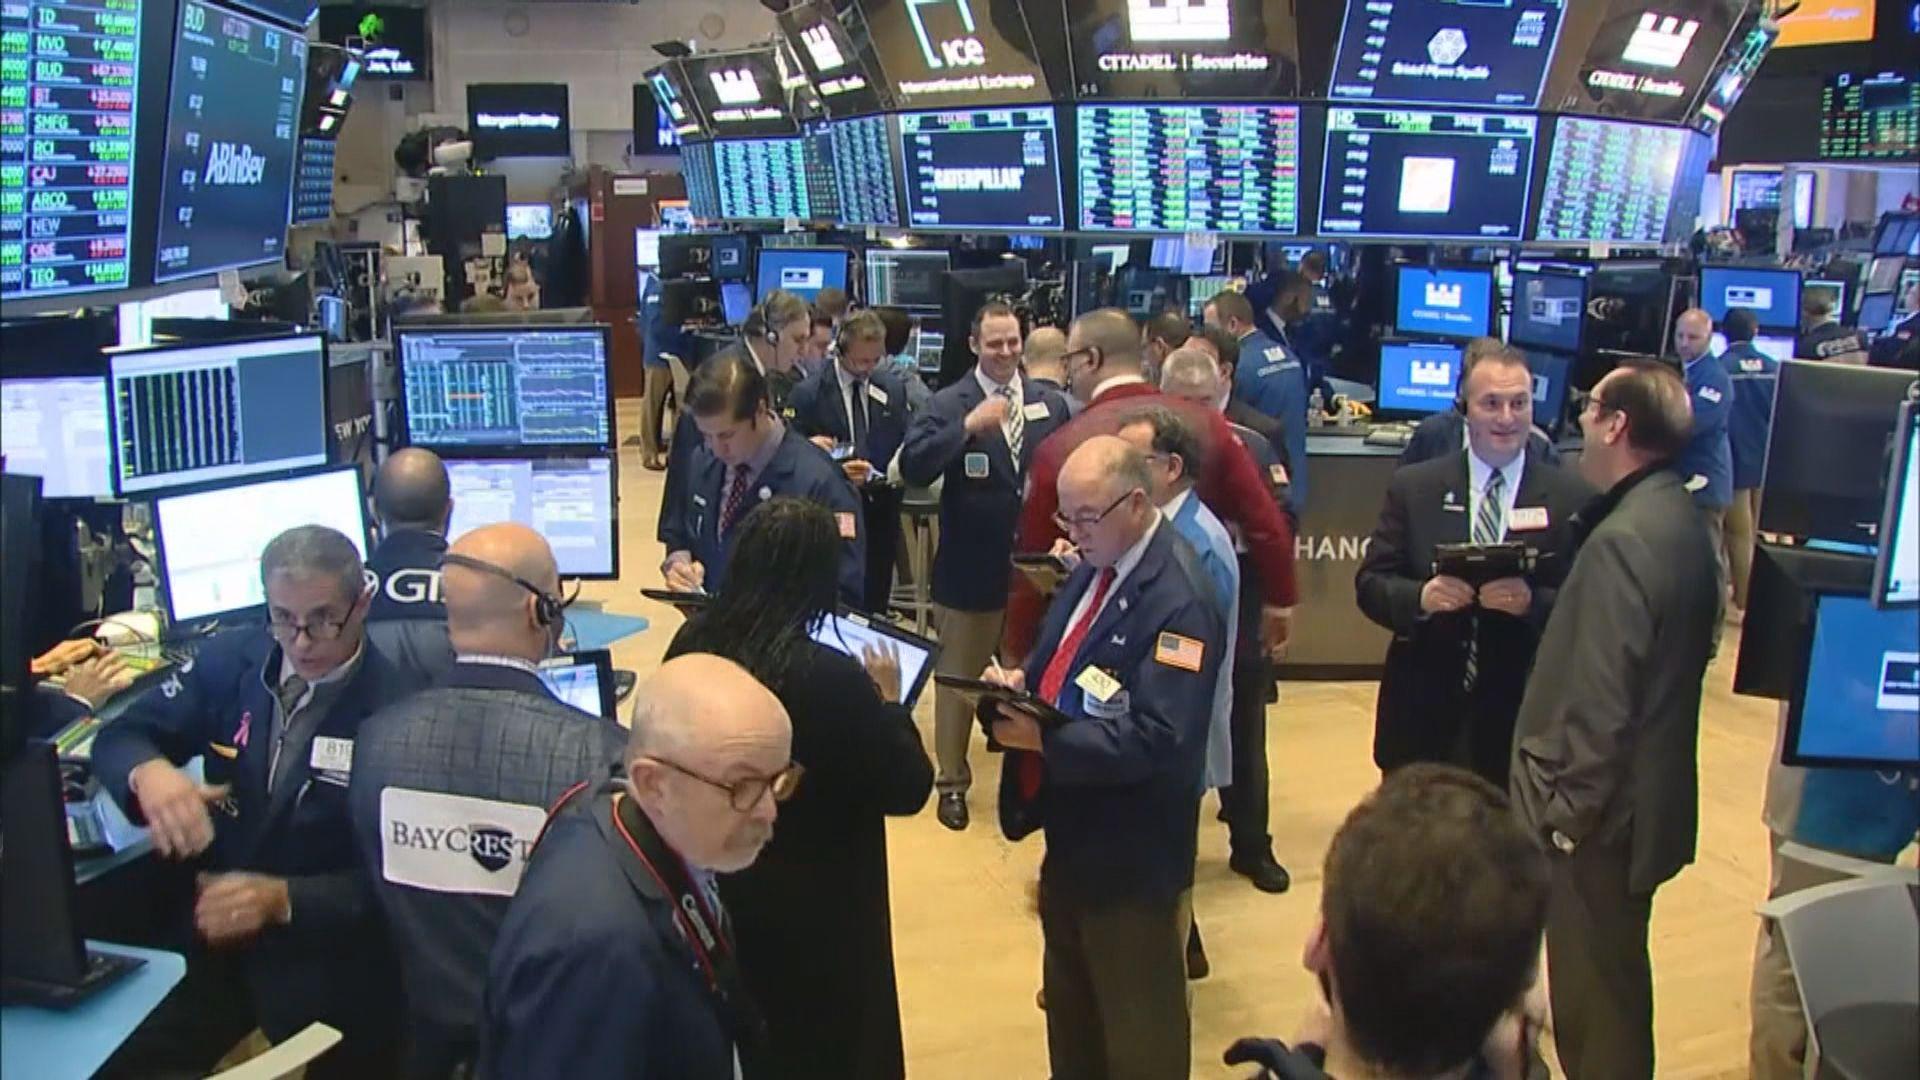 據報美國考慮擴大禁止投資中資股名單 惟不包括阿里騰訊和百度